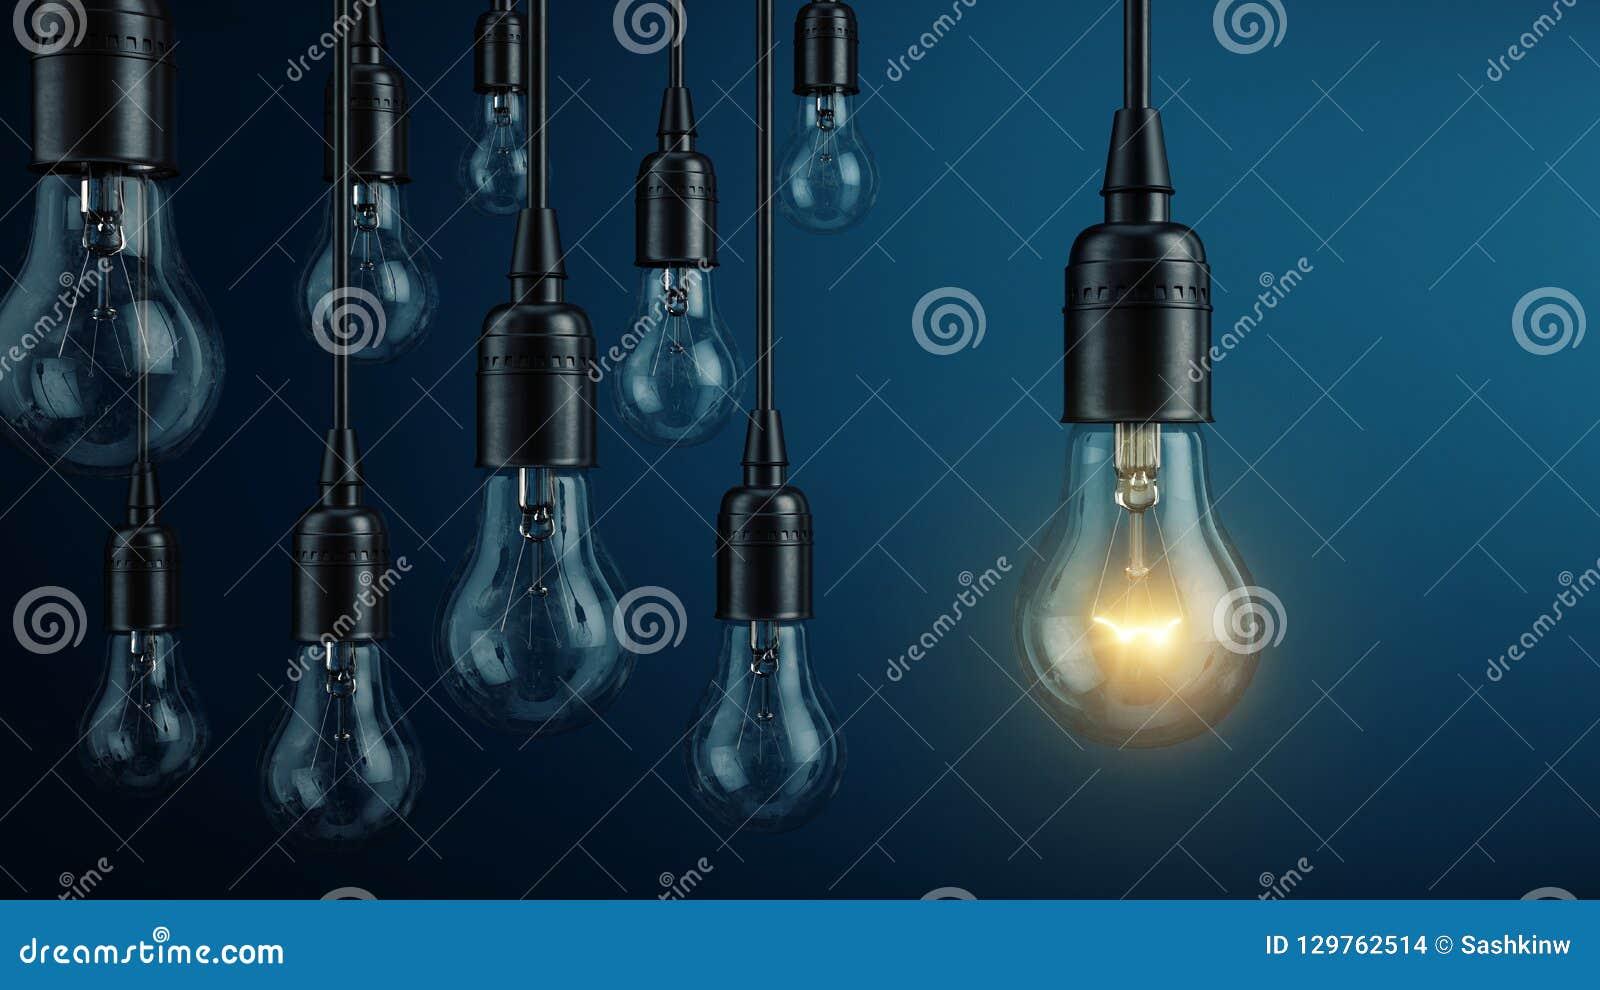 Уникальный, руководство, новая концепция идеи - одна лампа электрической лампочки накаляя отличающийся и стоя вне от другие лампы